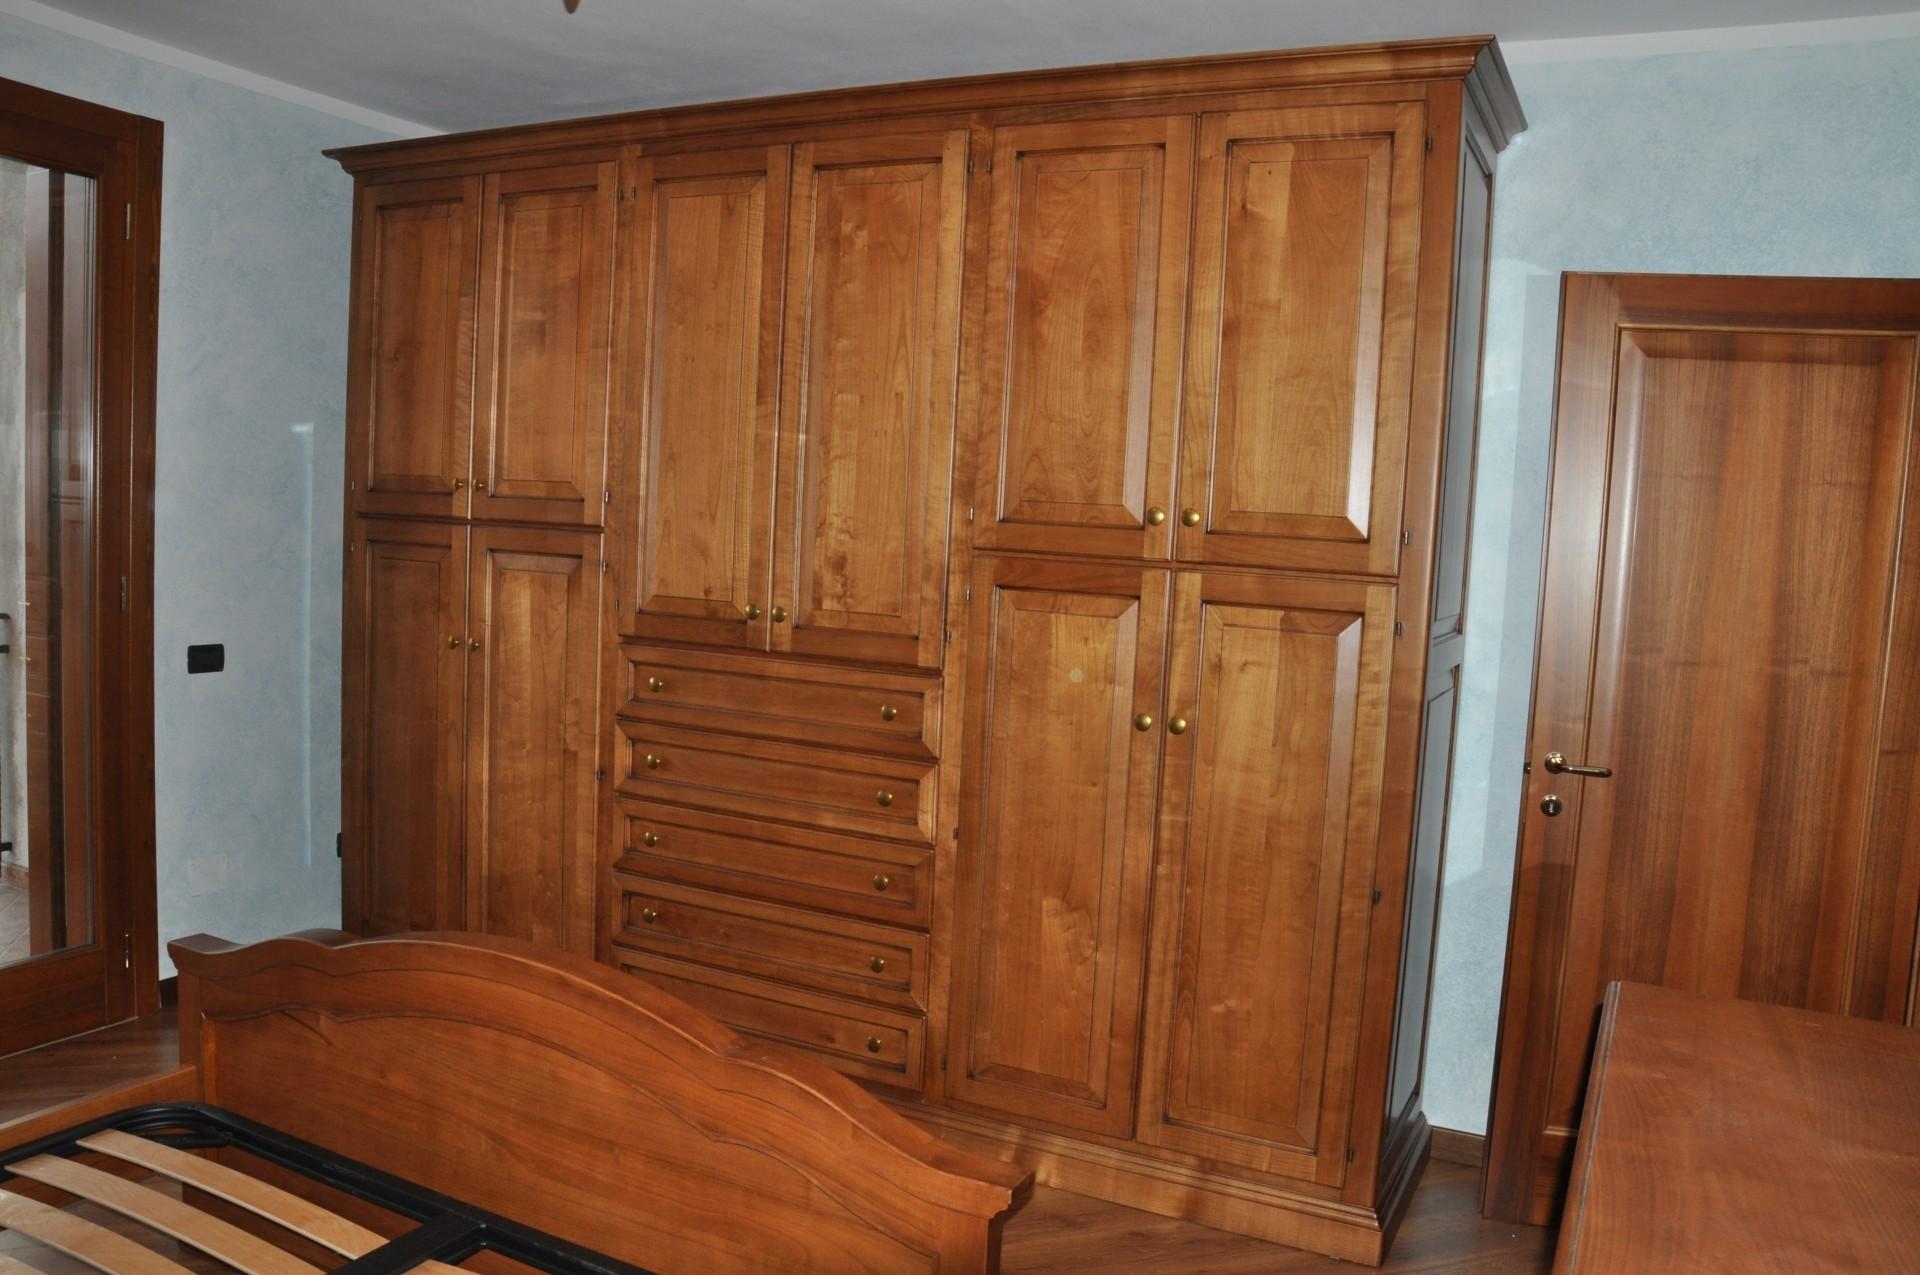 Armadio in legno su misura a Savona.